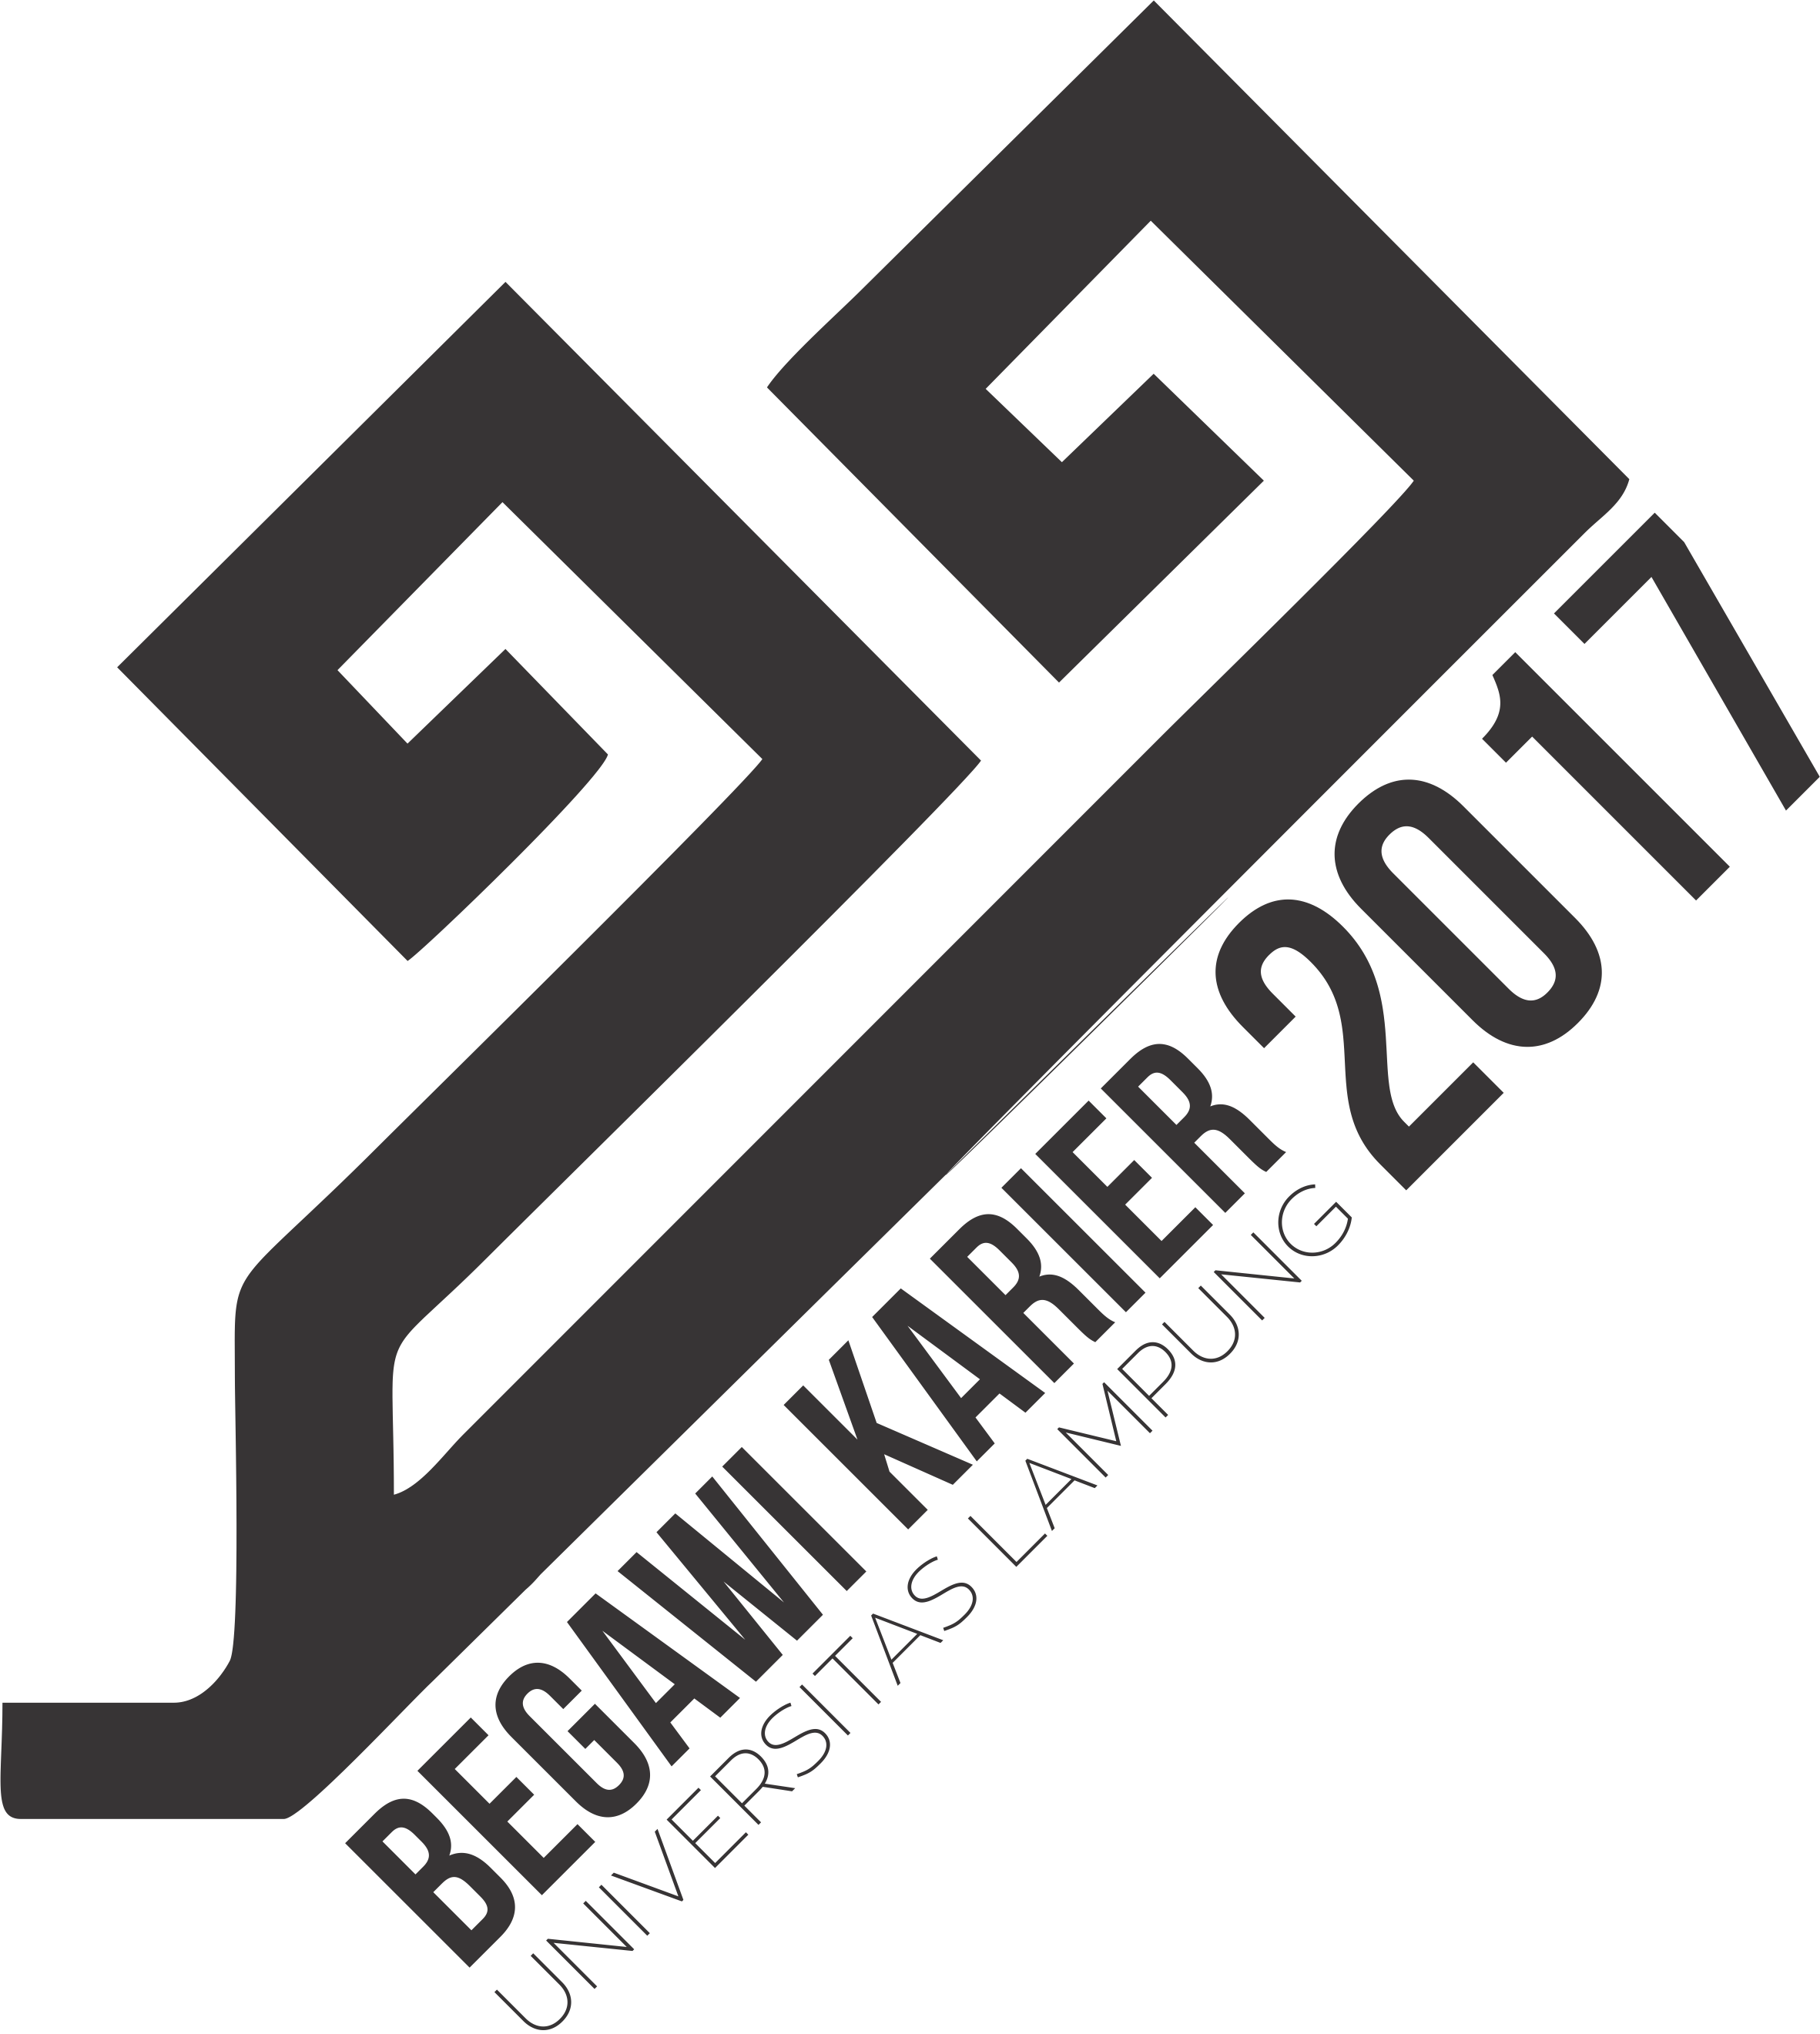 logo_jobfair-png